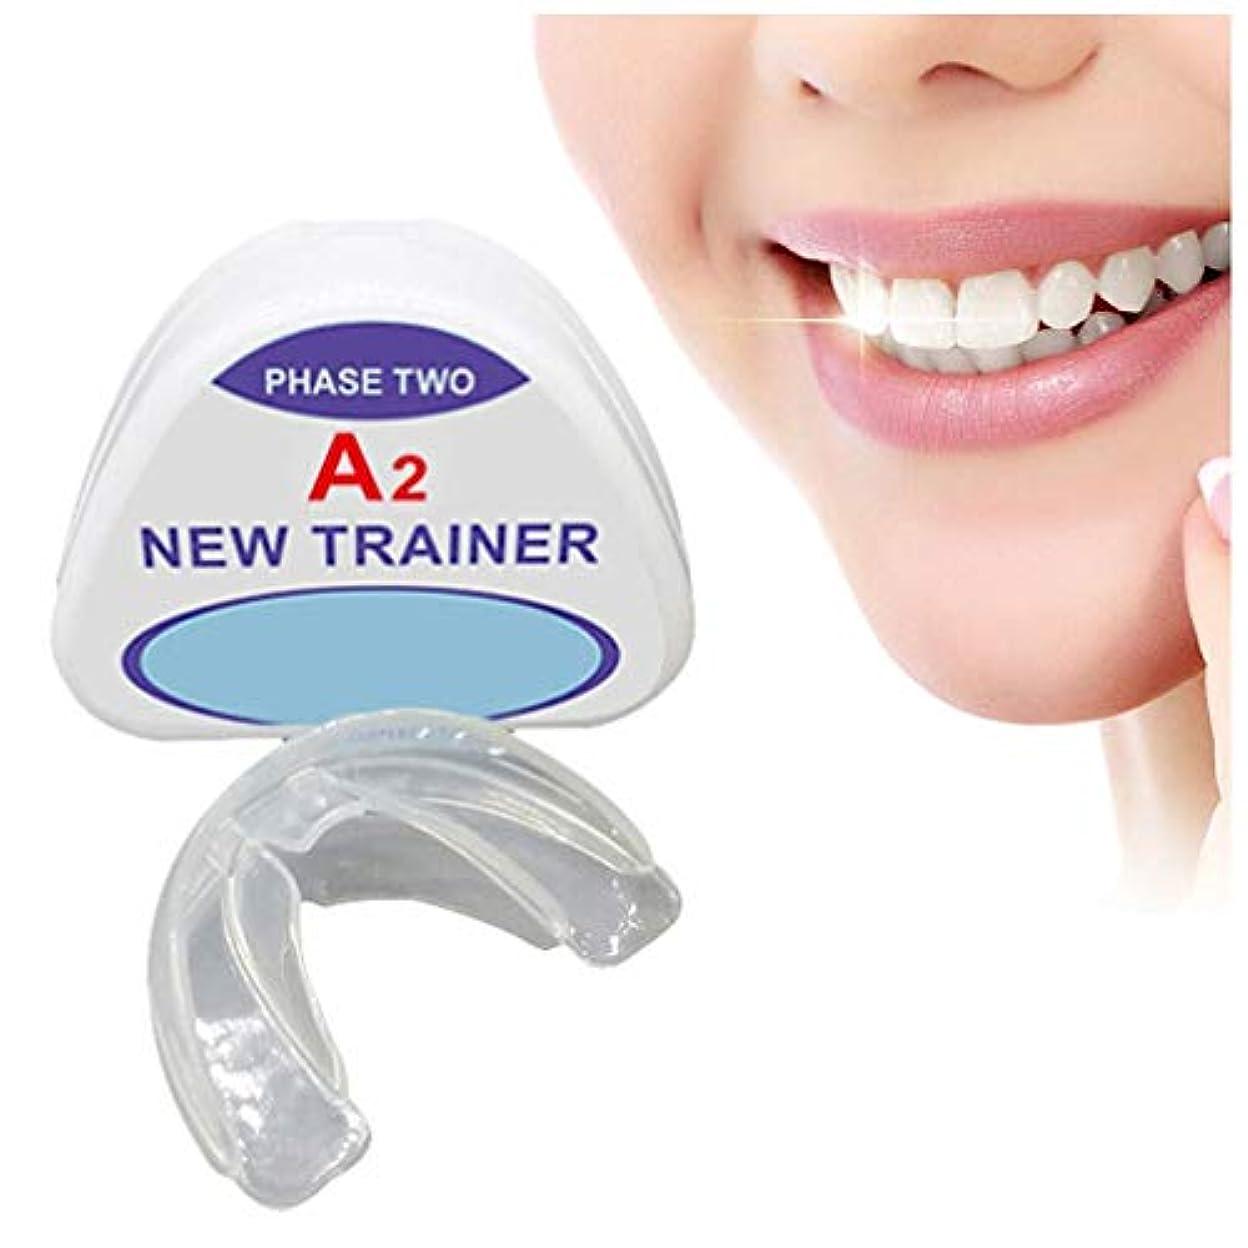 歯列矯正トレーナーリテーナー、歯科矯正ブレース、歯科マウスガード矯正器具、夜間予防臼歯ブレース、(2ステージ)、A1 + A2,A2